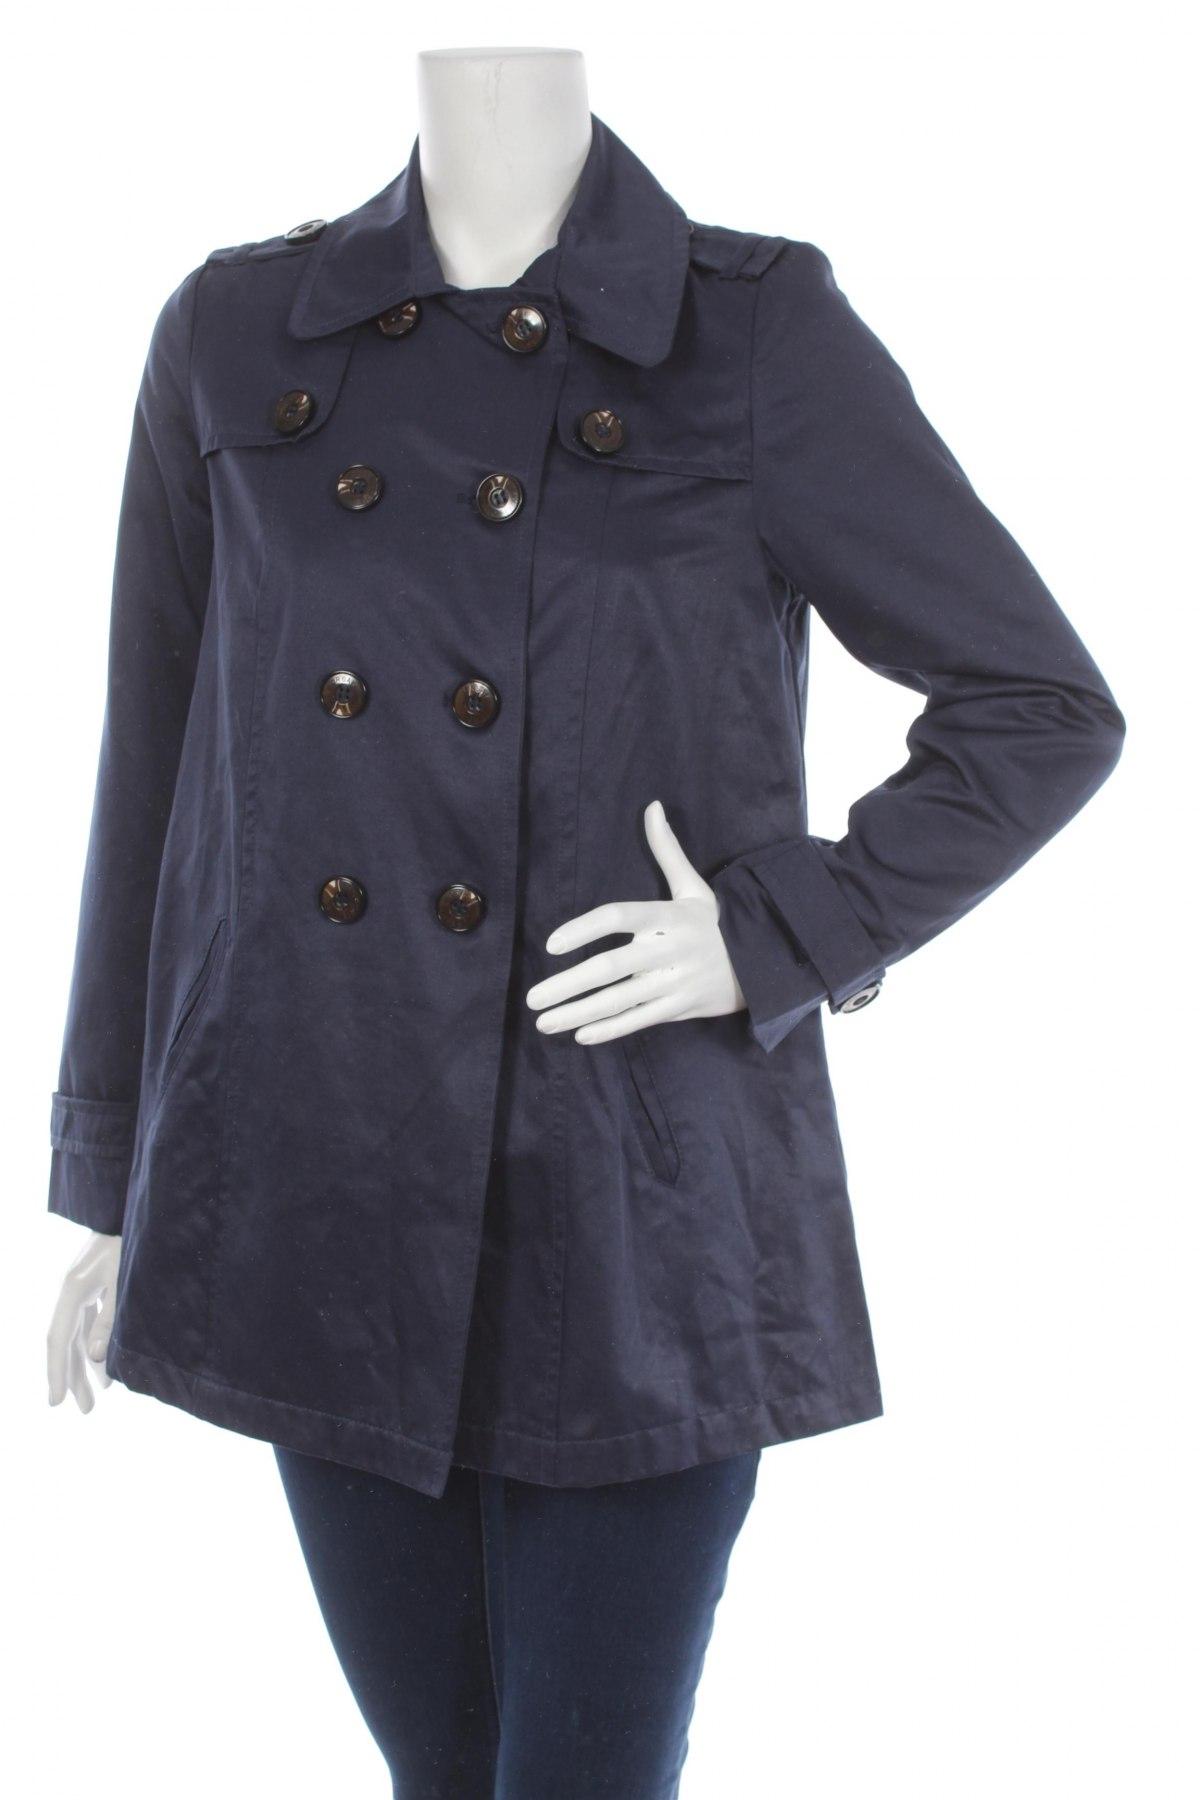 2ae477bb3886 Dámsky prechodný kabát Orsay - za výhodnú cenu na Remix -  102041841